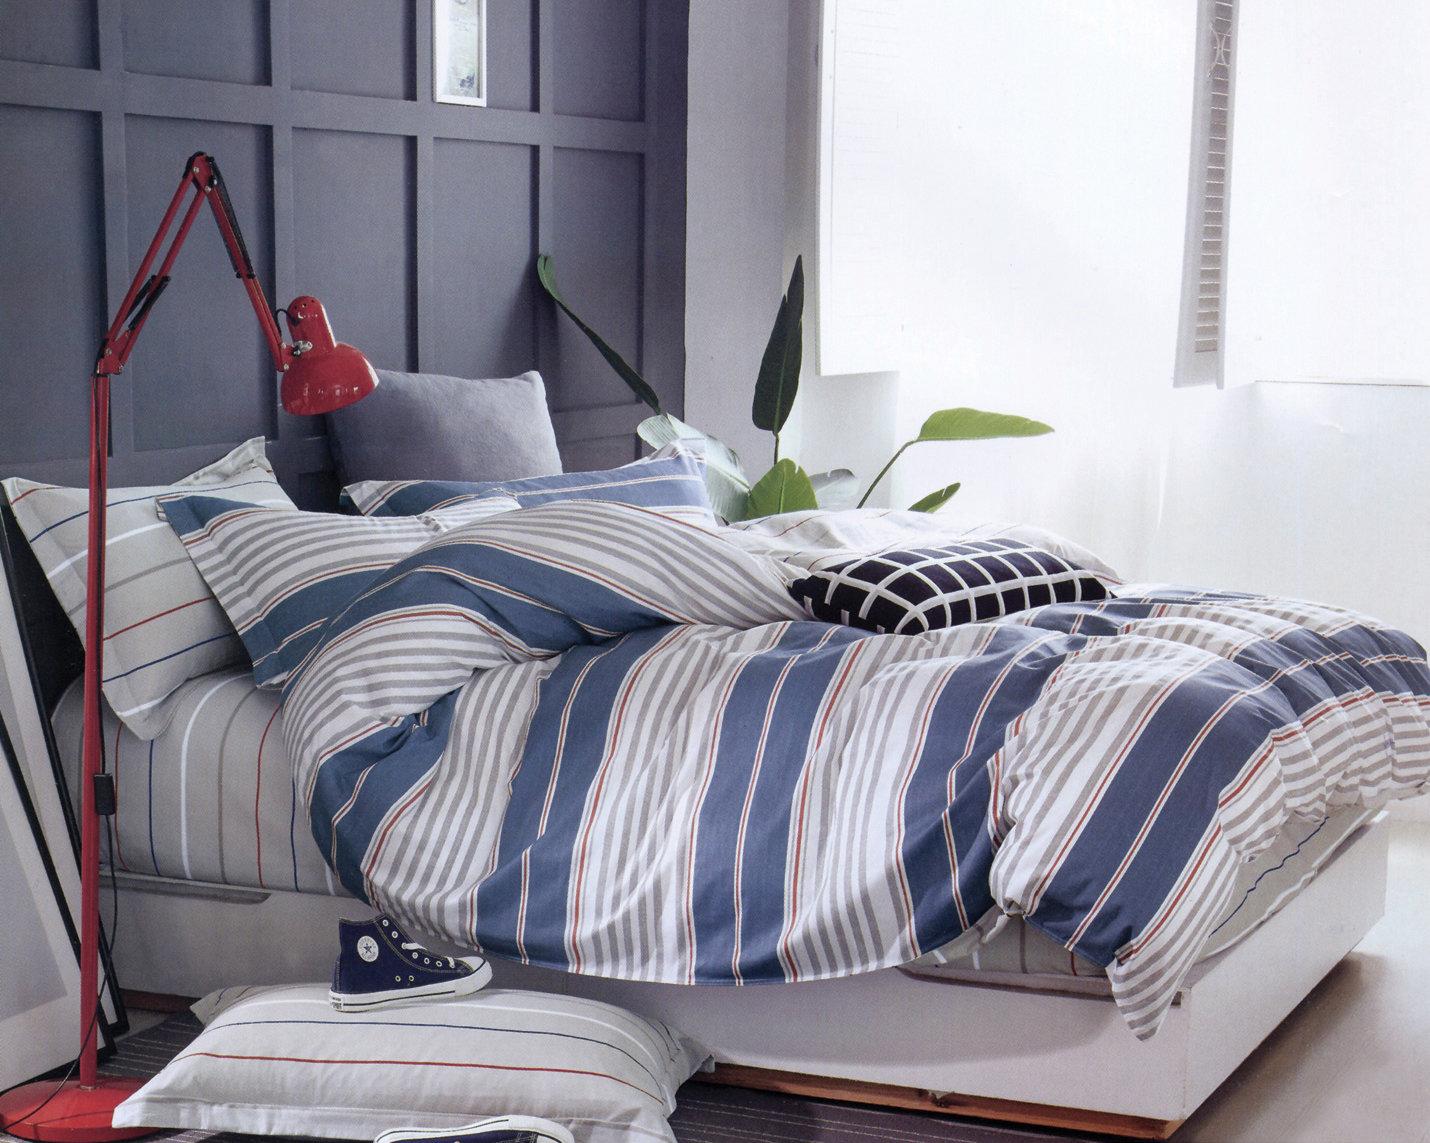 Комплект постельного белья Дом Текстиля SULYAN Рафаэль, синий, светло-серый, серый, красный, белый, темно-серый цена и фото